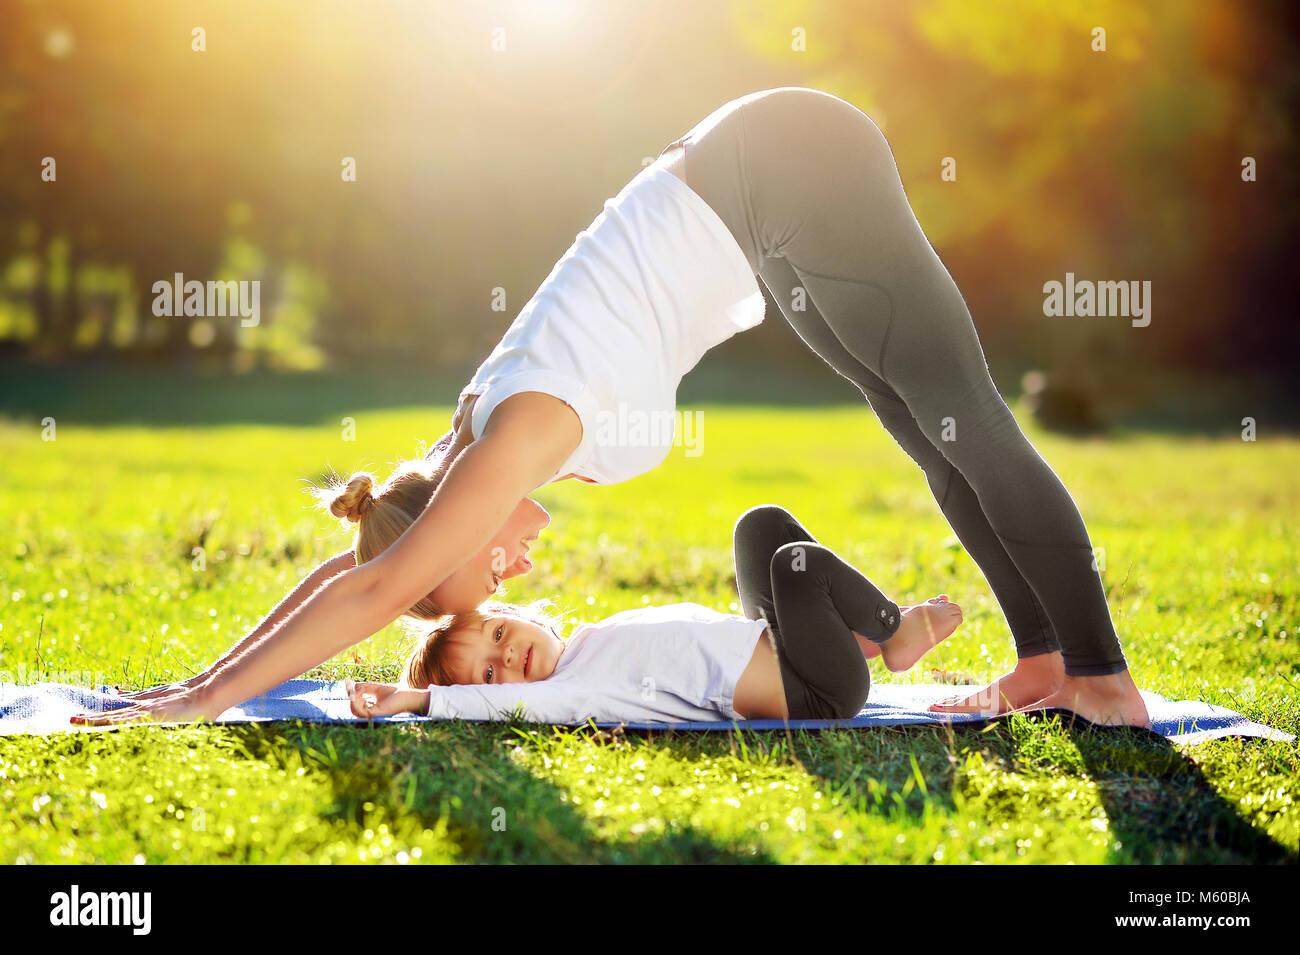 Mutter üben in den nach unten schauenden Hund yoga Pose spielen mit ihrer Tochter zur Festlegung auf die Matte Stockbild